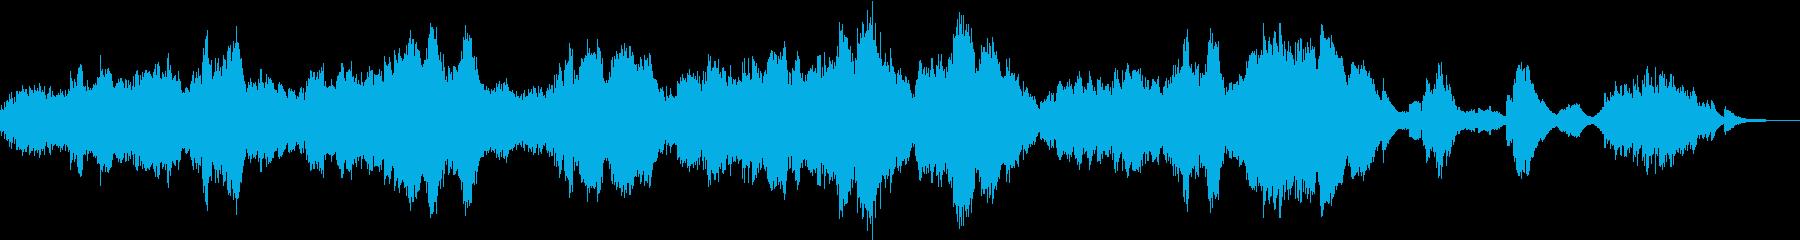 サン・サーンスの白鳥(チェロ&ピアノ)の再生済みの波形